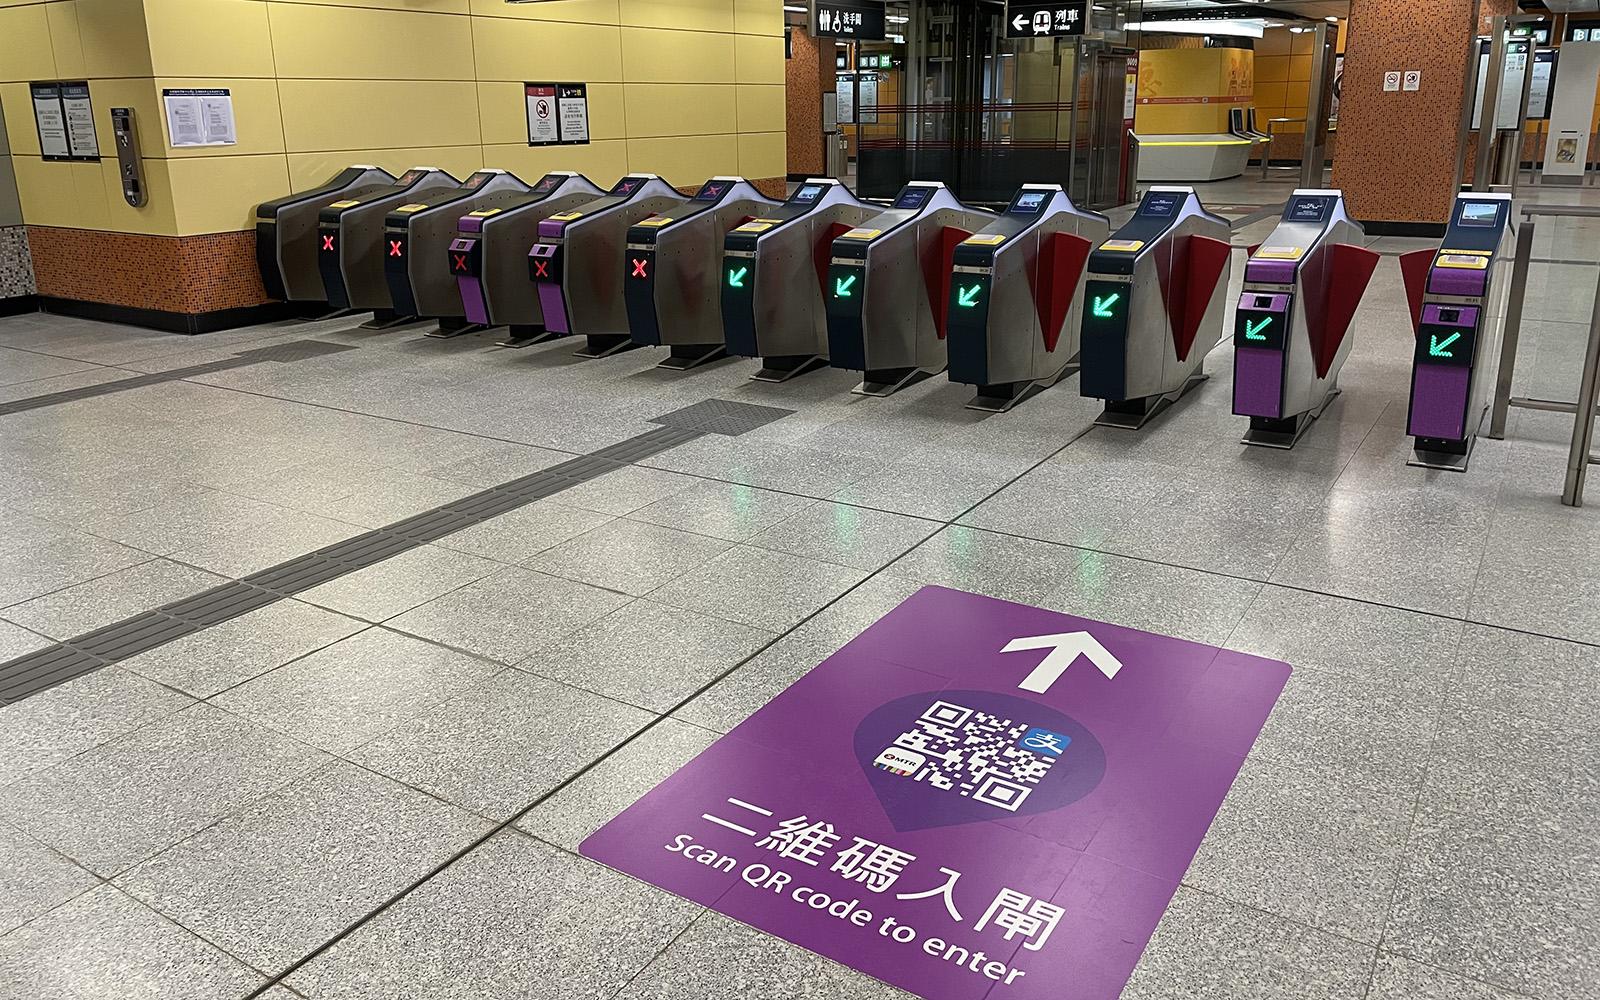 港鐵 Alipay 二維碼乘車服務